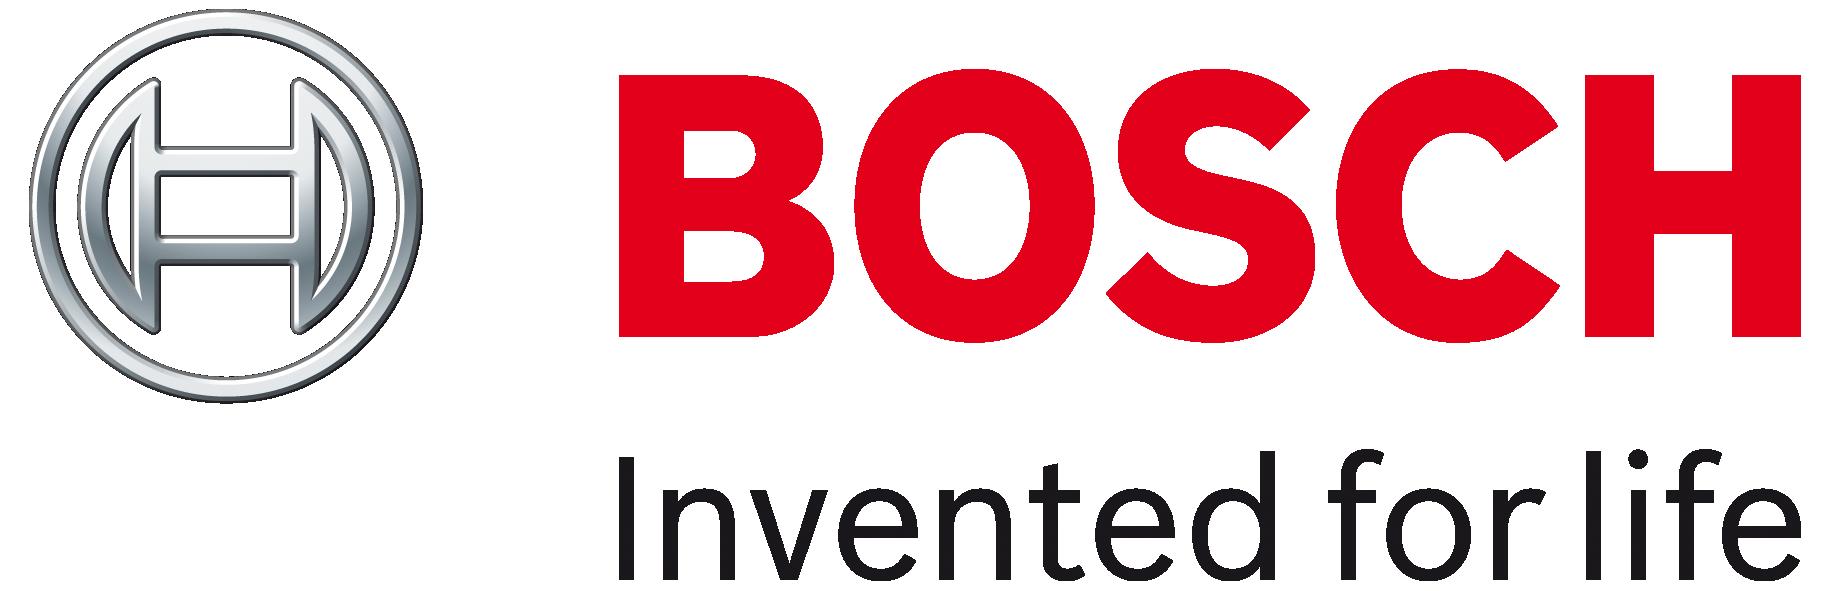 logo-bosch-png-file-logo-robert-bosch-png-1831